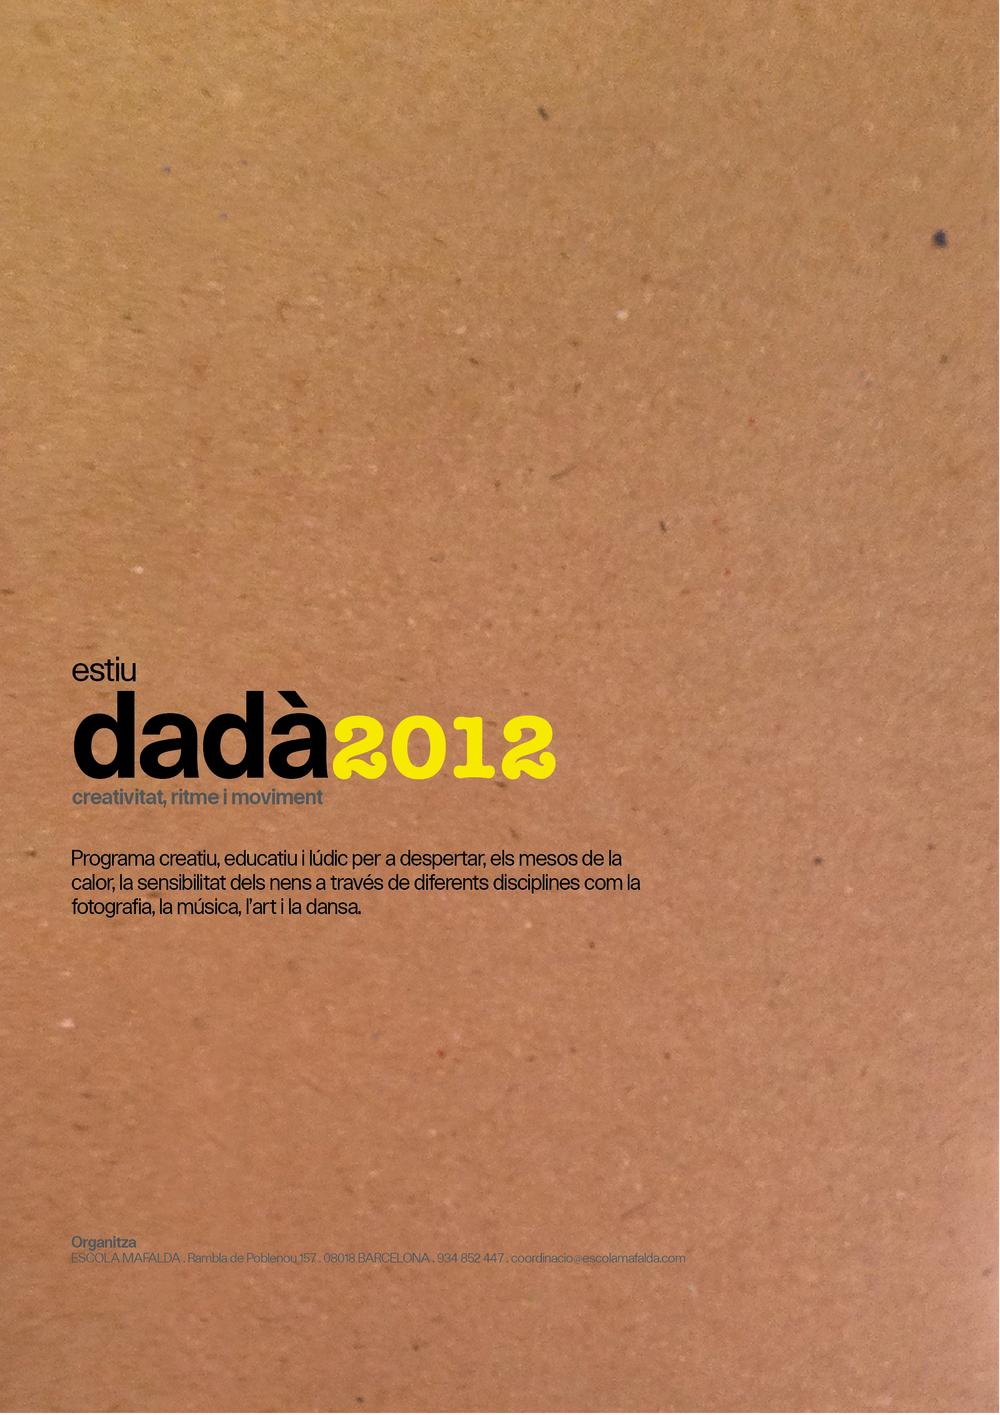 Portada_dossier_2012.jpg